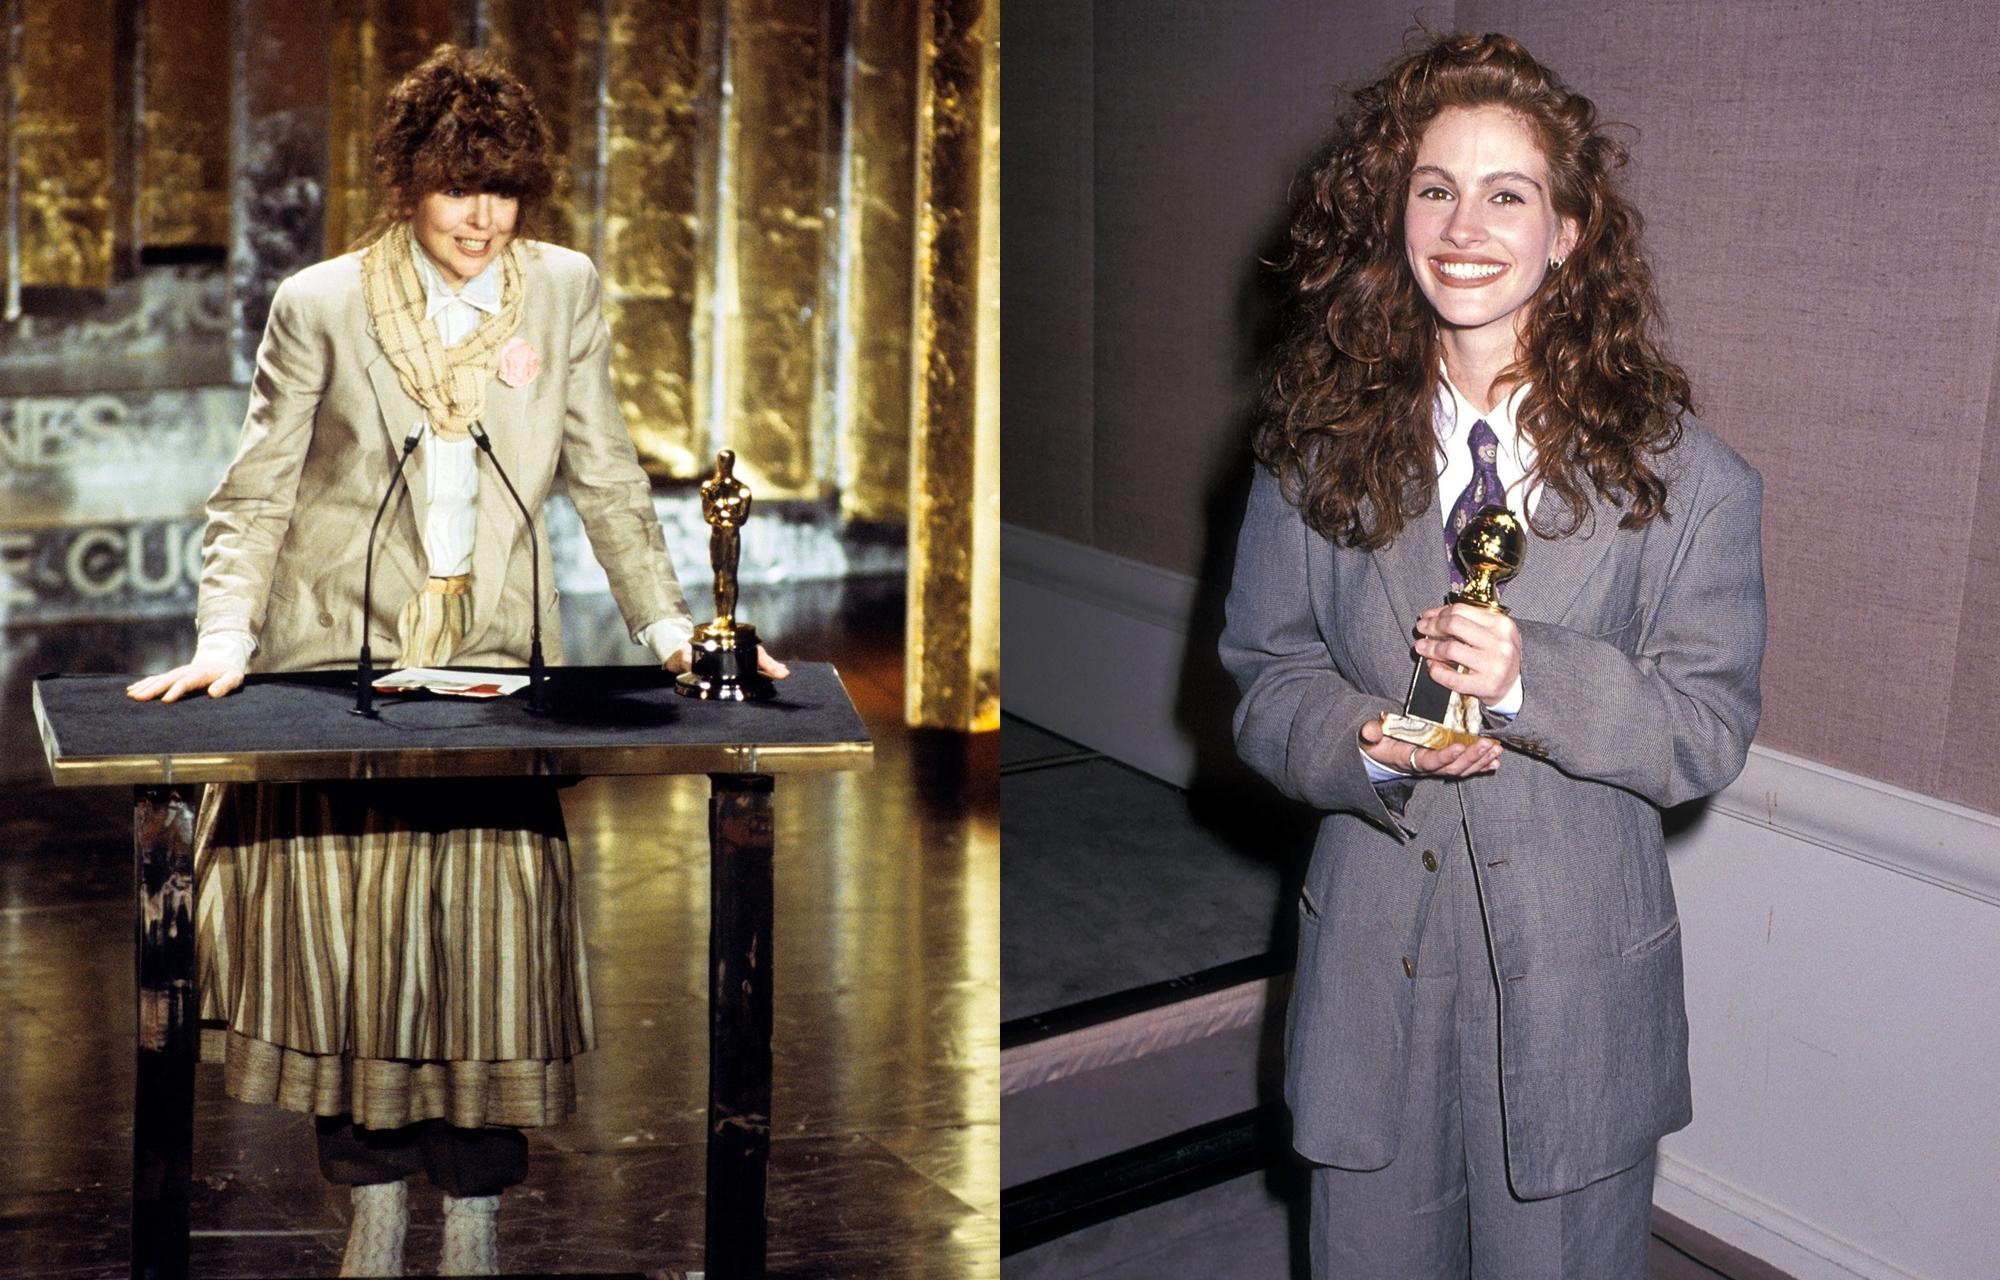 Diễn viên Diane Keaton (trái) nhận giải Nữ diễn viên xuất sắc tại Oscar 1978. Cô diện áo vest màu be bên ngoài váy xếp ly của Armani, tạo diện mạo cá tính, phá cách so với quan niệm thời trang nữ đương thời. Tại Quả cầu vàng 1990, diễn viên Julia Roberts mặc suit Armani để nhận giải Nữ diễn viên phụ xuất sắc. Mái tóc xoăn cùng bộ đồ xám trở thành một trong những khoảnh khắc thời trang kinh điển mọi thời đại. Ảnh: BC Photo Archives, Ron Galella.